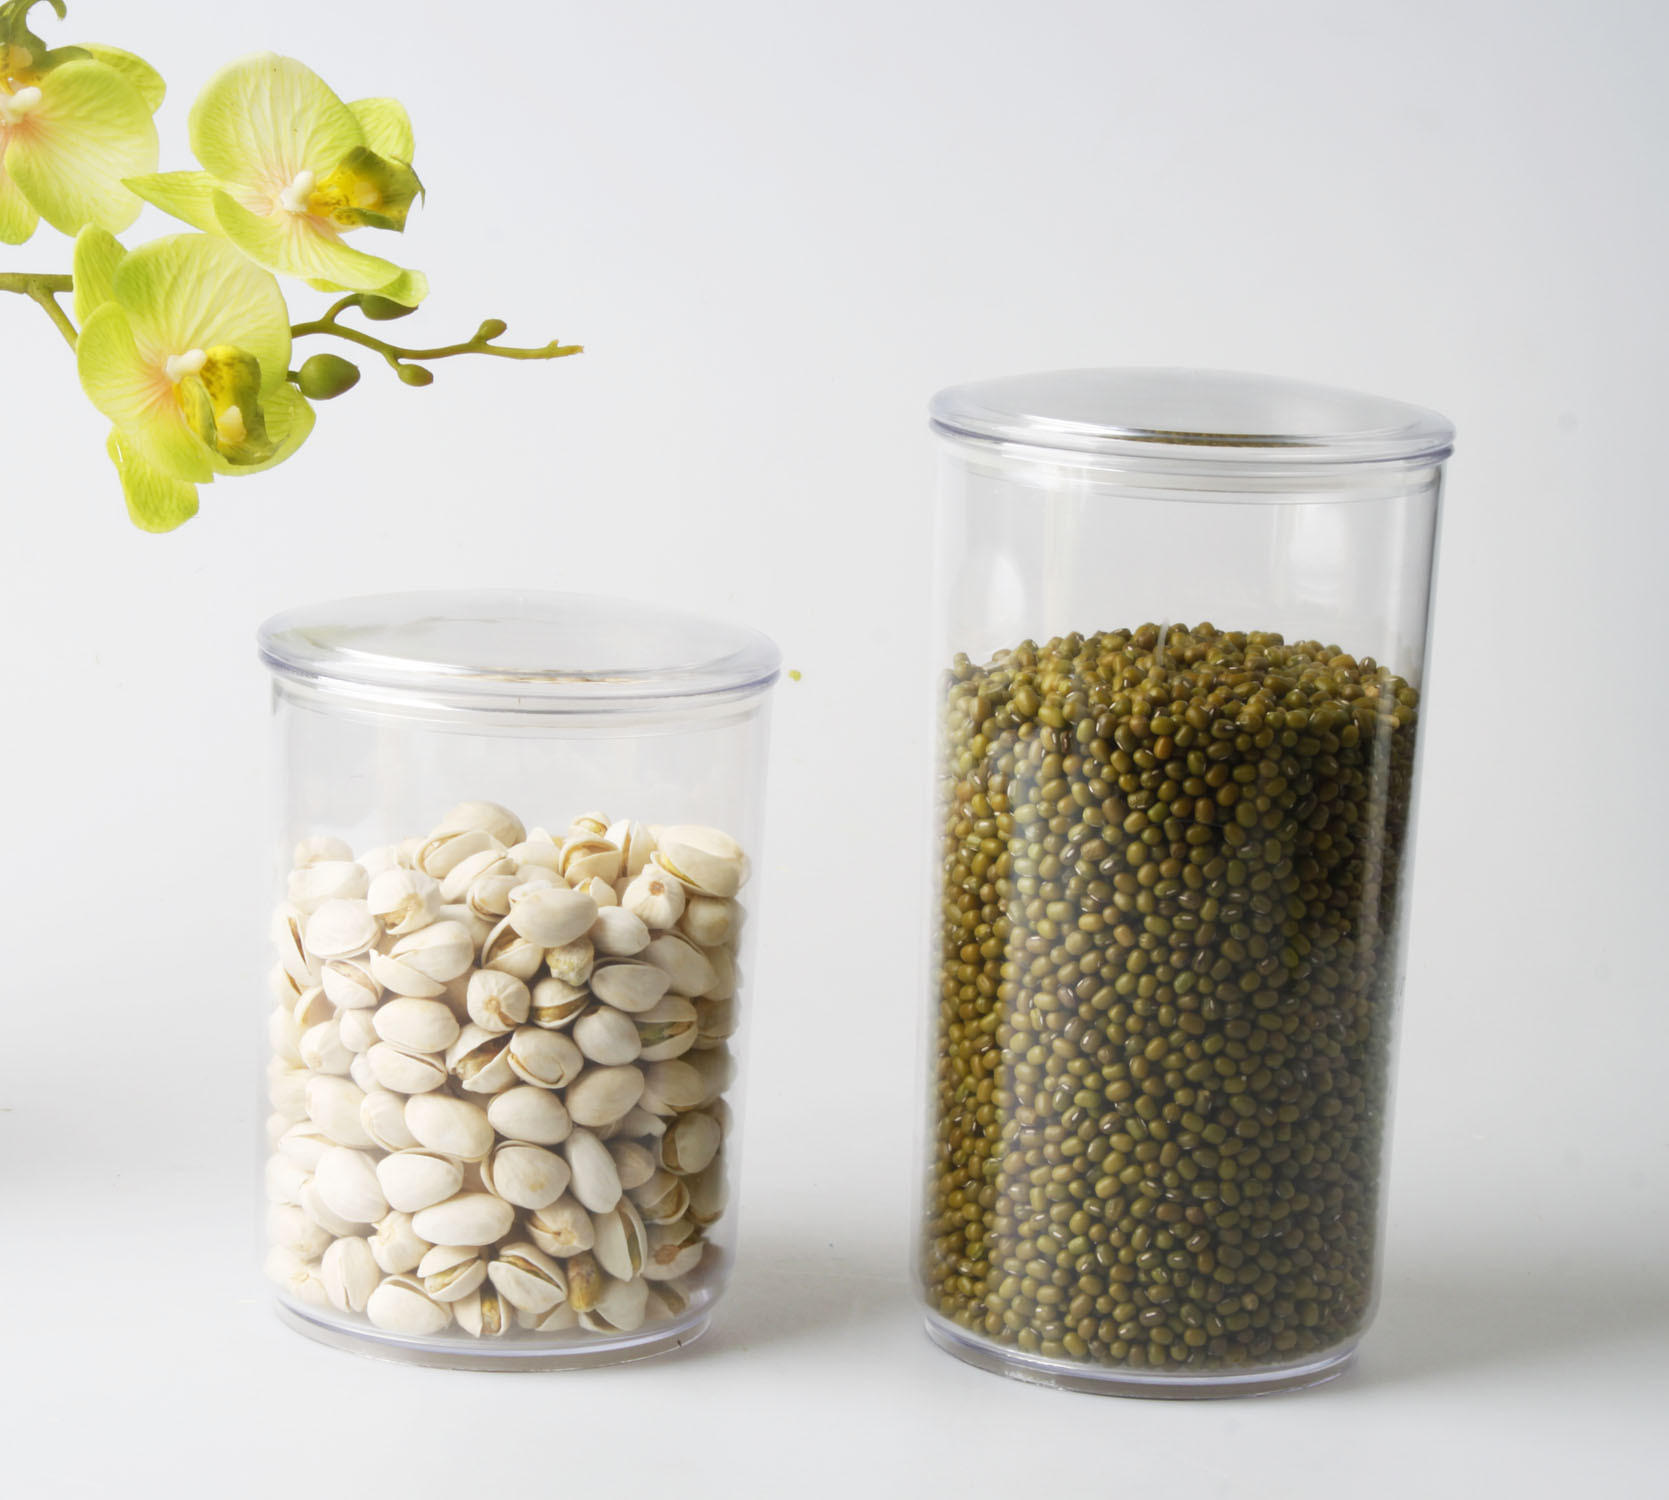 厂家直销 供应塑料3件套圆形密封罐 储物罐 糖罐 TG-0034A